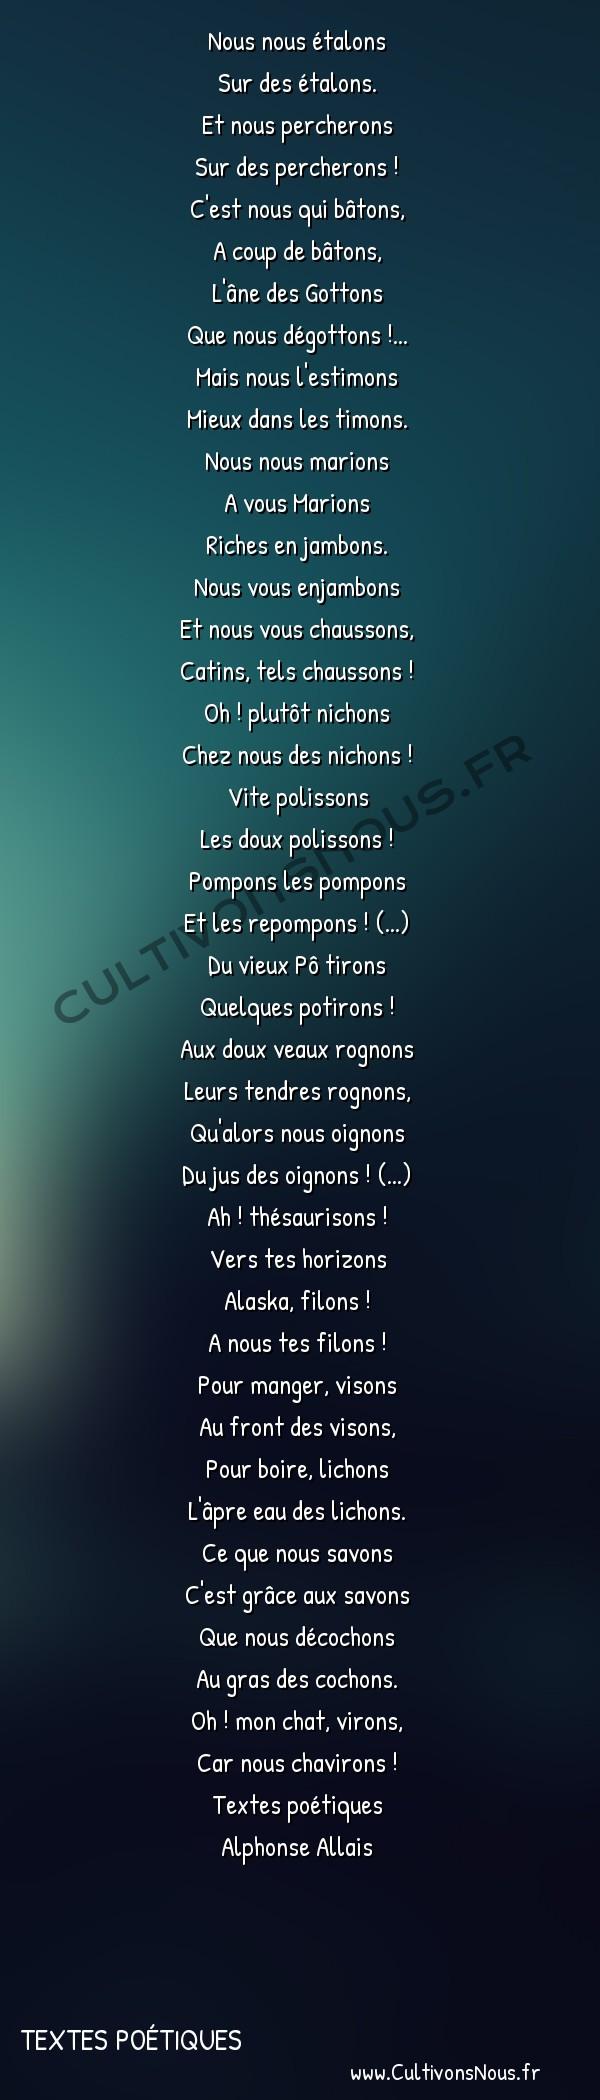 Poésie Alphonse Allais - Textes poétiques - Nous nous étalons -  Nous nous étalons Sur des étalons.